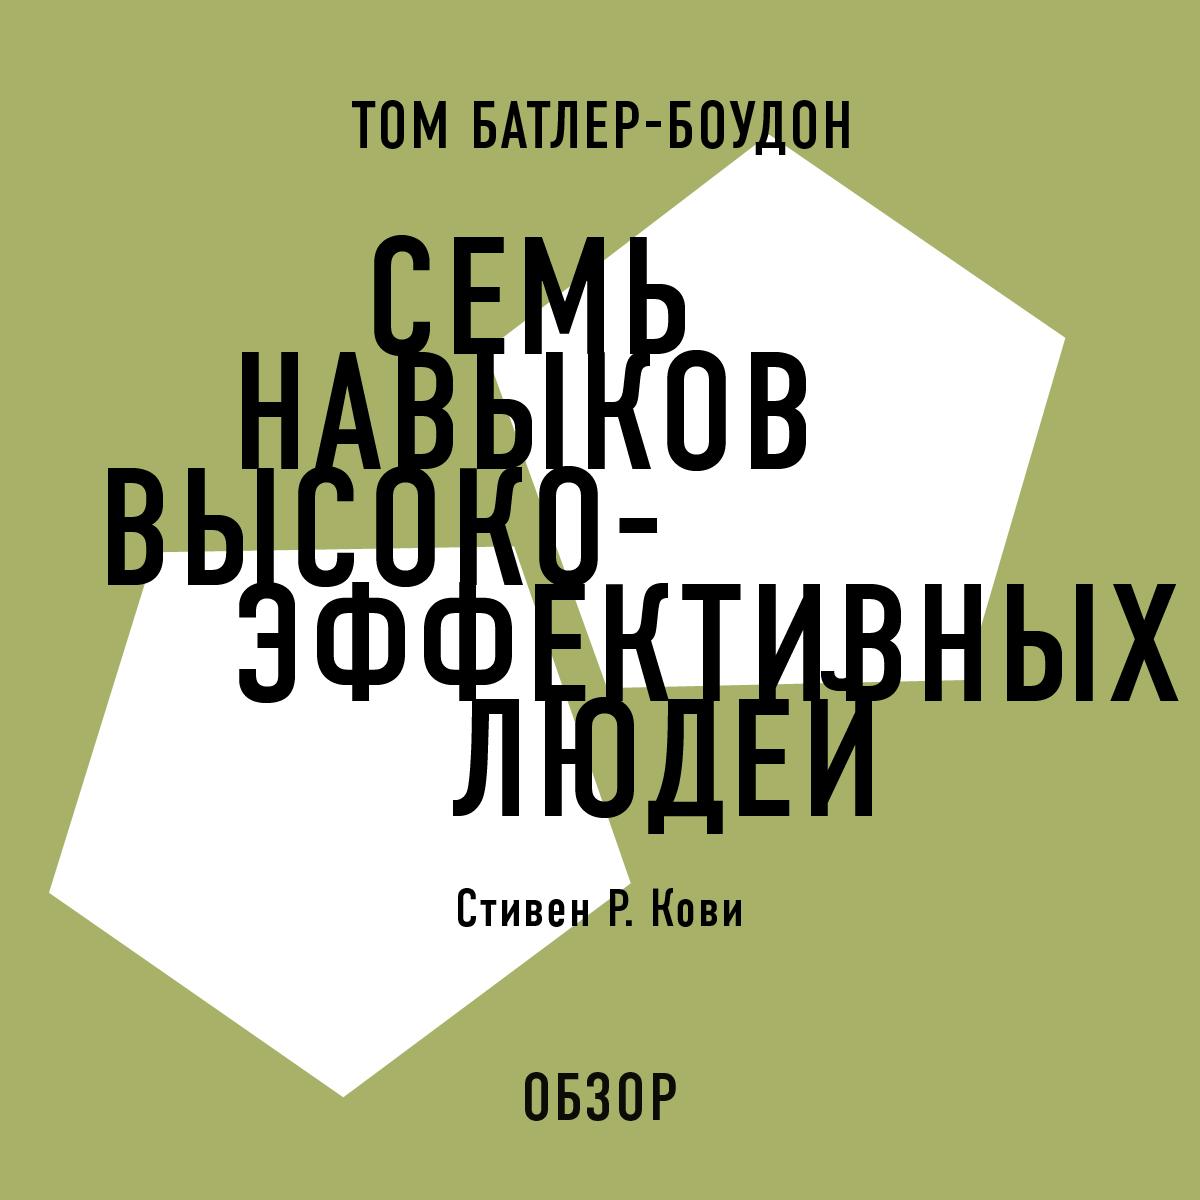 Том Батлер-Боудон Семь навыков высокоэффективных людей. Стивен Р. Кови (обзор)